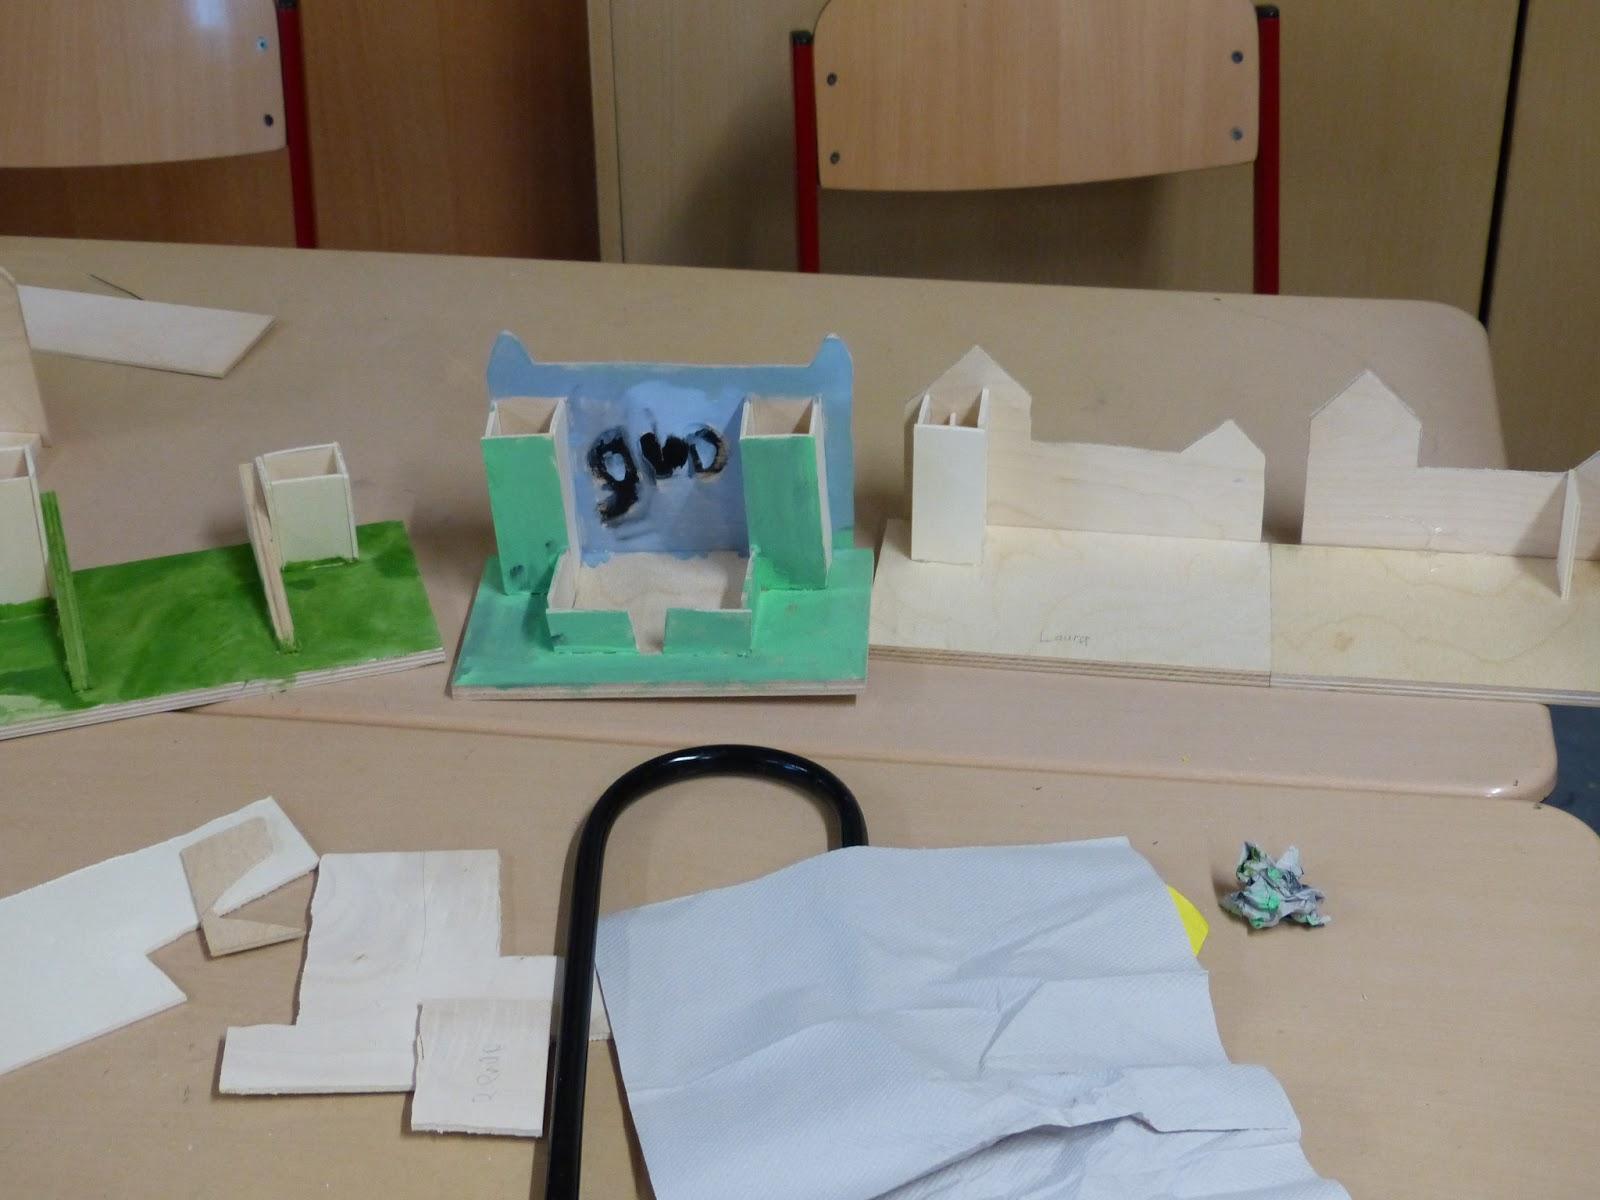 Zettelbox stiftehalter aus holz werken in der grundschule for Schreibtisch grundschule